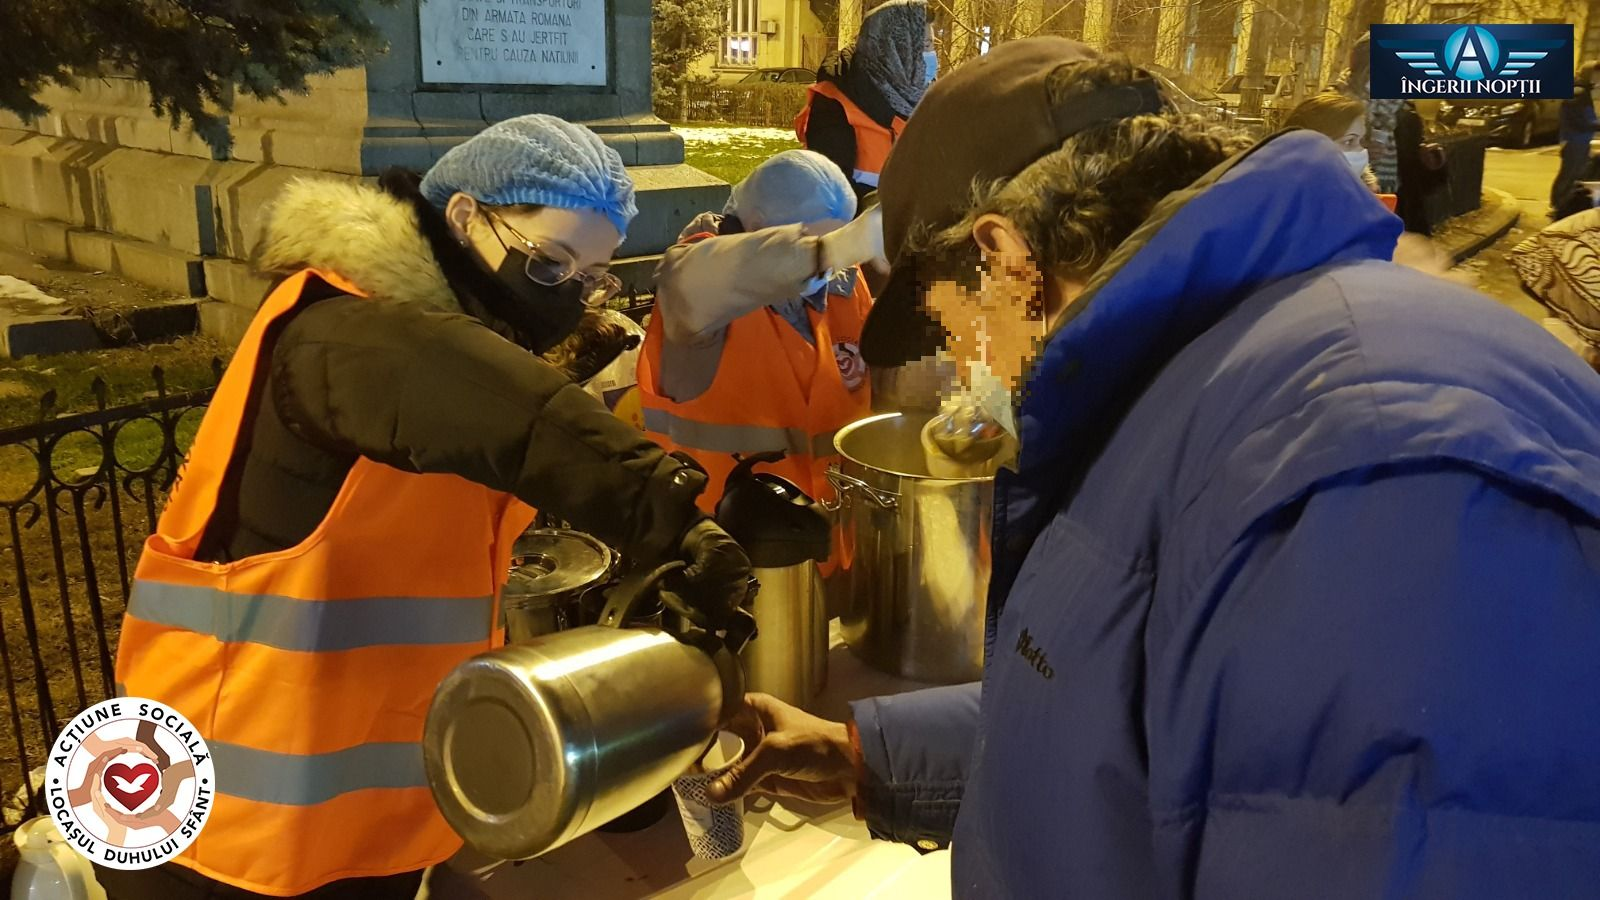 Voluntarios de la Universal salen a las calles para ayudar a los más necesitados en Rumanía1 min read